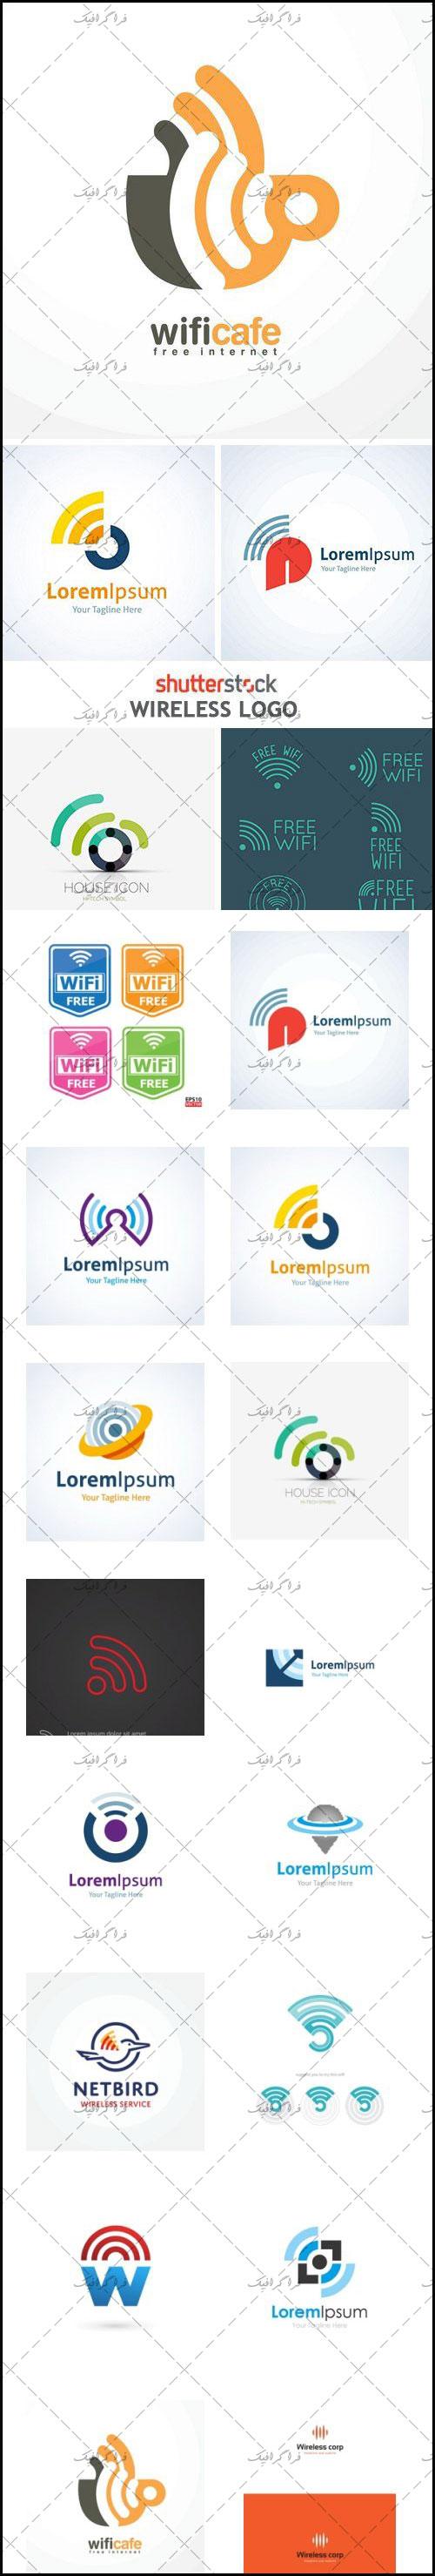 دانلود لوگو های تکنولوژی بی سیم